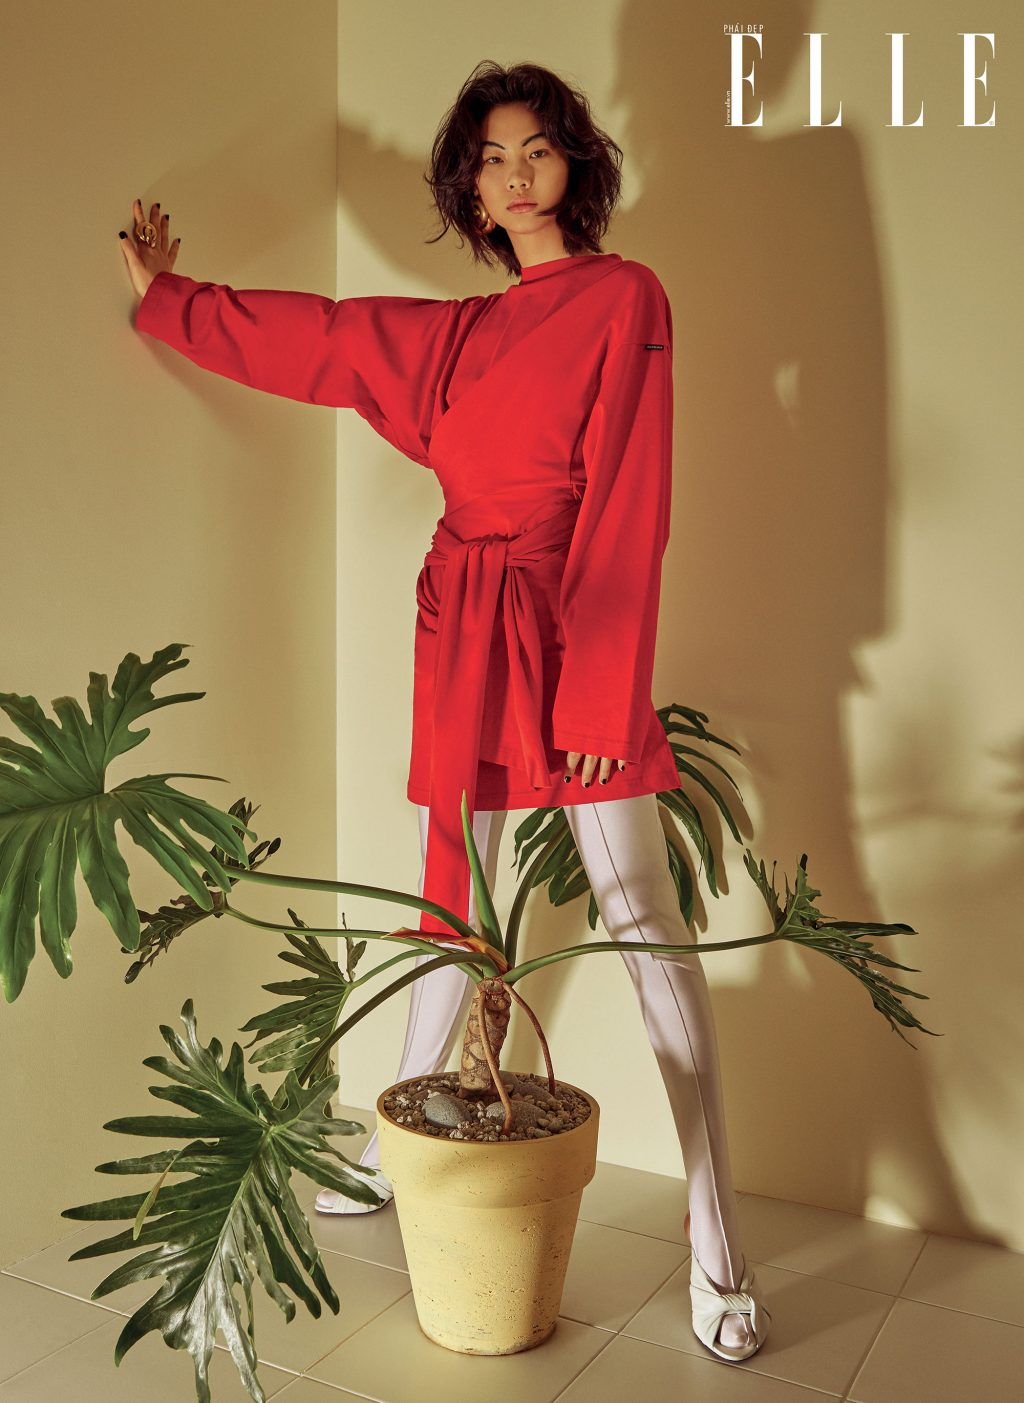 bộ ảnh người mẫu mặc đầm đỏ